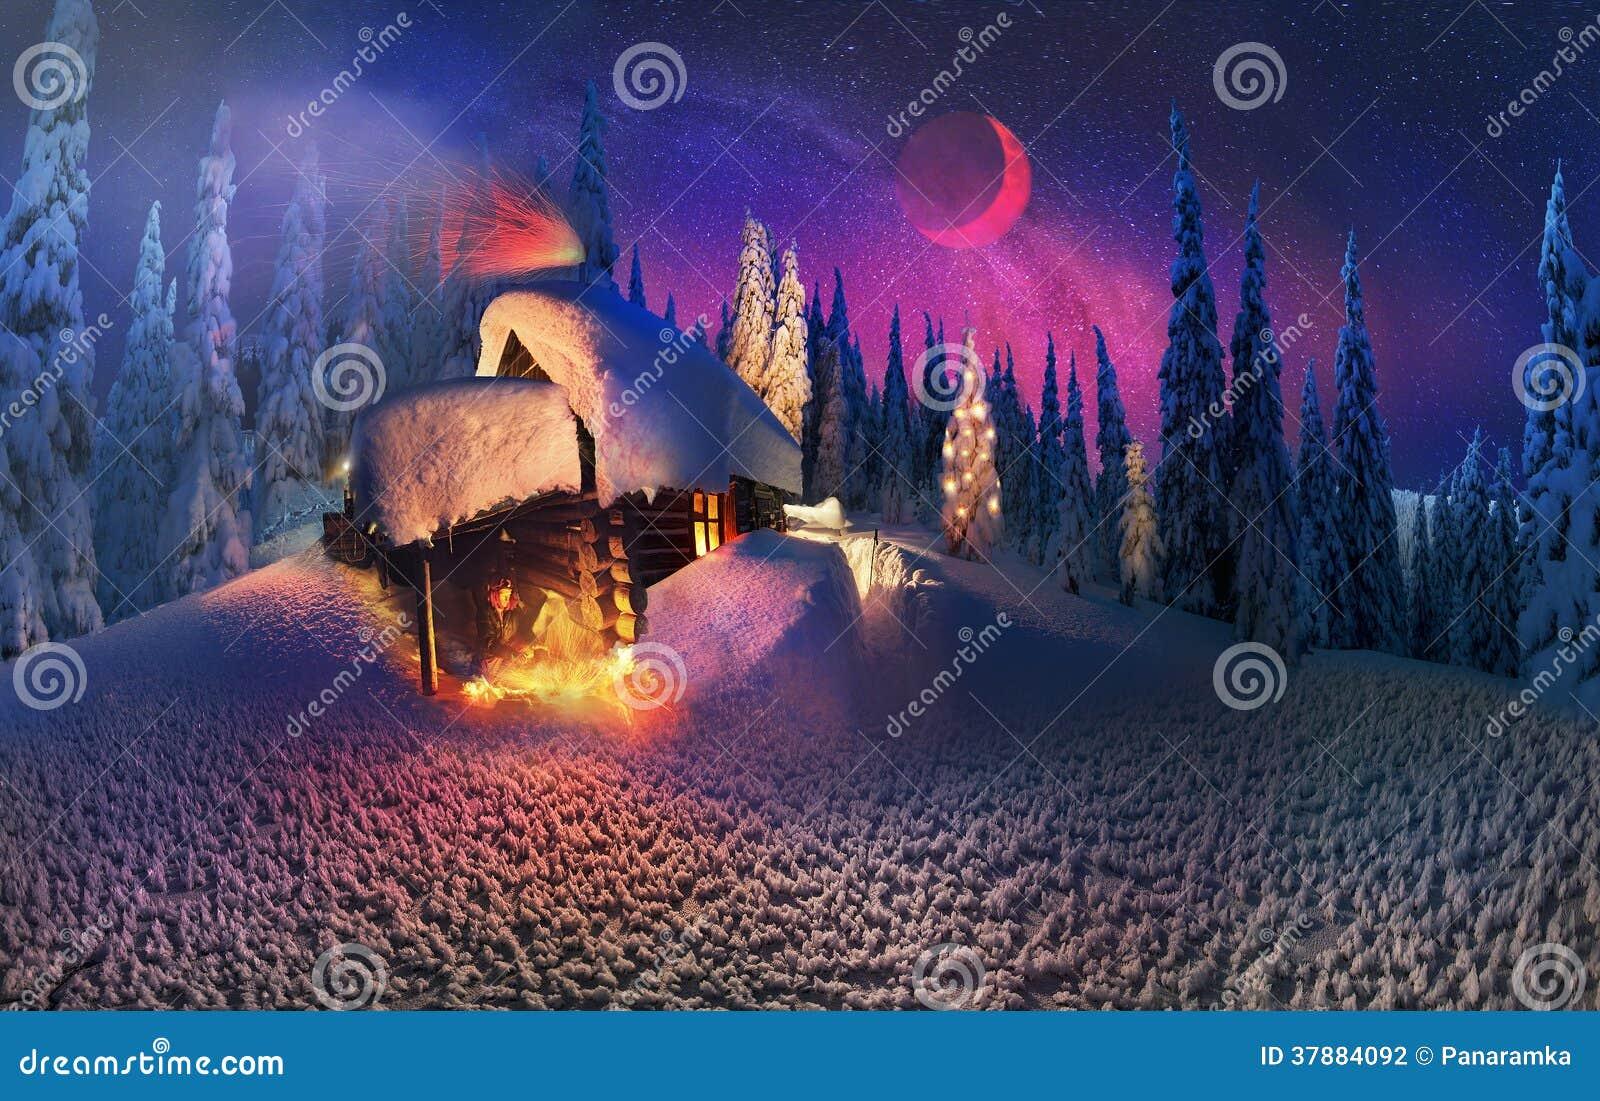 Kerstmis in de Karpaten